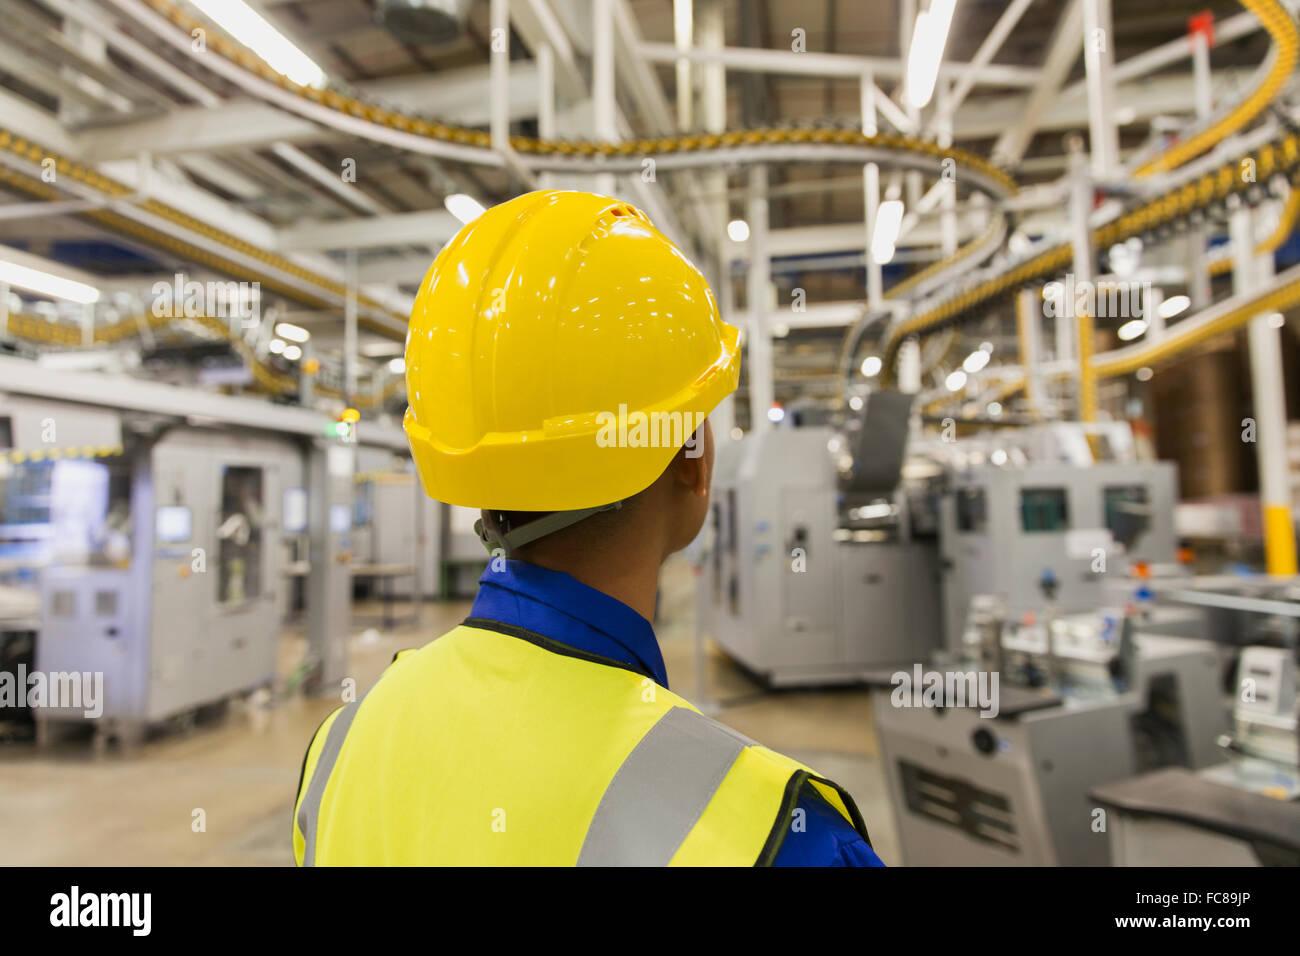 Arbeiter in Akkubohrschrauber beobachten Druckmaschine Förderbänder und Maschinen in Druckerei Stockfoto